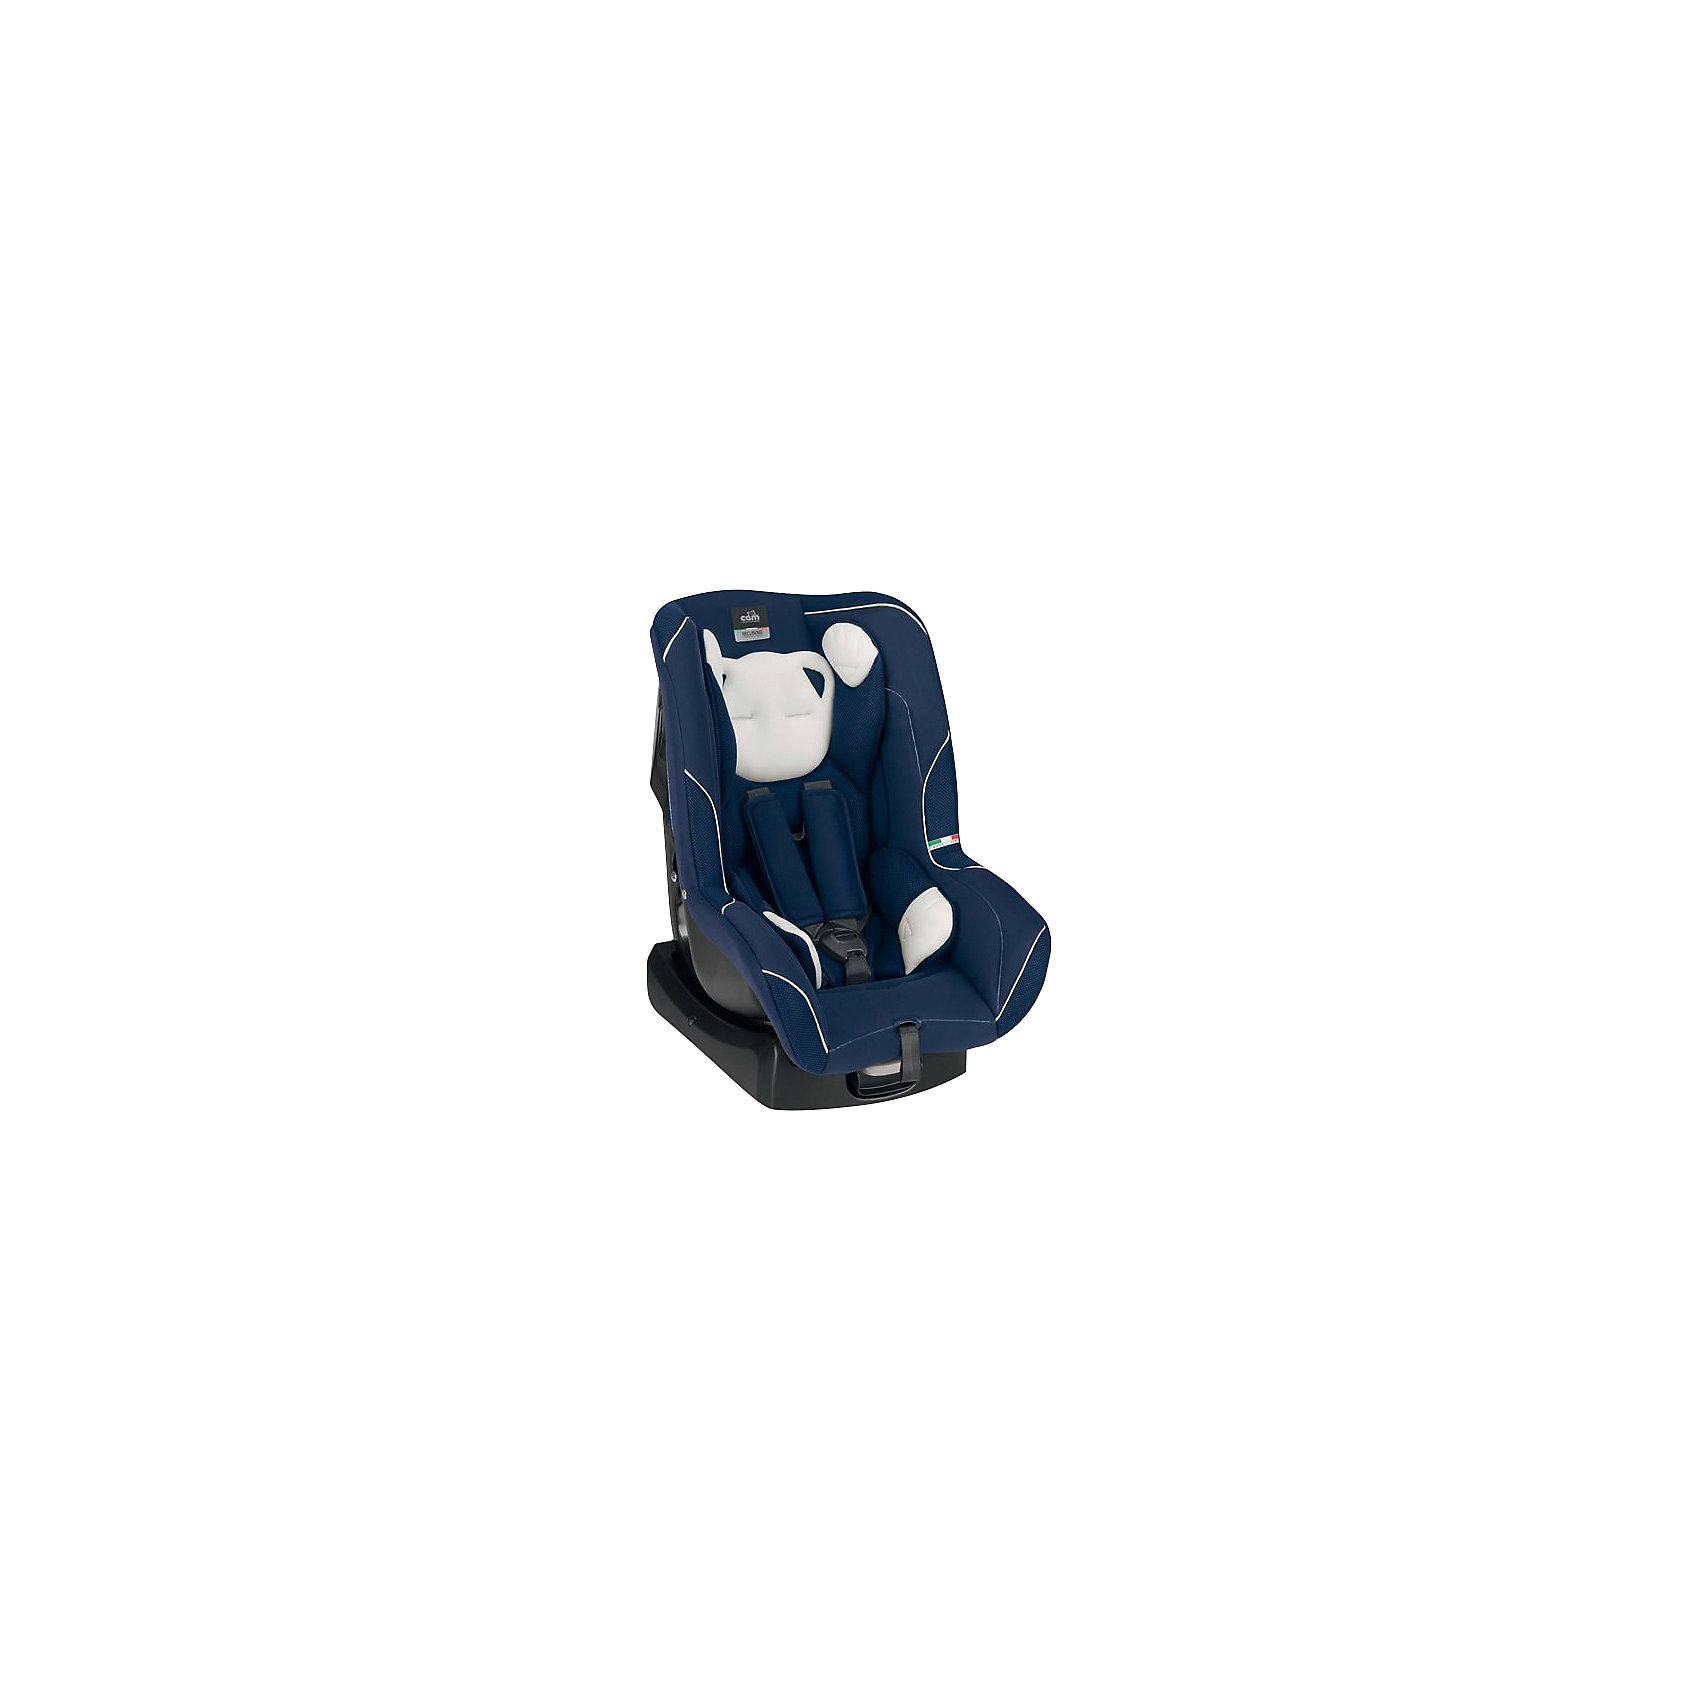 Автокресло CAM с подголовником Auto Gara, 0-18 кг, синий/серыйГруппа 0+, 1 (До 18 кг)<br>Автокресло Auto Gara (Авто Гара), 0-18 кг., от CAM (КАМ) - это прекрасный выбор для путешествий малыша с рождения до 3 лет. Благодаря удобным регулировкам кресло подстраивается под меняющиеся потребности растущего малыша. Для новорожденным предусмотрена анатомическая вставка и пять положений наклона спинки, которые обеспечат здоровый и комфортный сон. Подросший малыш будет так же хорошо защищен в кресле благодаря усиленной боковой защите и удобному подголовнику. Вы можете без труда отрегулировать пятиточечные ремни кресла по высоте, чтобы обеспечить высочайший уровень безопасности ребенку любого роста. Не бойтесь испачкать сиденье, чехол из технологичной ткани легко стирается и кресло снова выглядит как новое. Кресло легко установить в машине и закрепить штатными ремнями безопасности: до 9 месяцев против хода движения, послед 9 месяцев по ходу движения автомобиля.<br><br>Дополнительная информация:<br><br>- Группа: 0/1 (от 0 до 18 кг);<br>- Соответствует европейским нормам безопасности ECE R44/04;<br>- Усиленная боковая защита;<br>- Вкладыш для новорожденных;<br>- Пять положений наклона спинки;<br>- Удобный подголовник;<br>- Надежные пятиточечные ремни безопасности;<br>- Регулировка ремней одним движением;<br>- Устанавливается в автомобиле спиной по направлению движения до 9 мес, и по направлению движения после 9 мес;<br>- Съемную обивку можно стирать;<br>- Цвет: синий/серый;<br>- Размер: 64 х 59 х 41 см;<br>- Вес: 5,5 кг<br><br>Автокресло Auto Gara (Авто Гара) , 0-18 кг., CAM (КАМ), синее/серое можно купить в нашем интернет-магазине.<br><br>Ширина мм: 900<br>Глубина мм: 600<br>Высота мм: 420<br>Вес г: 5580<br>Цвет: сине-серый<br>Возраст от месяцев: 0<br>Возраст до месяцев: 48<br>Пол: Унисекс<br>Возраст: Детский<br>SKU: 4026335